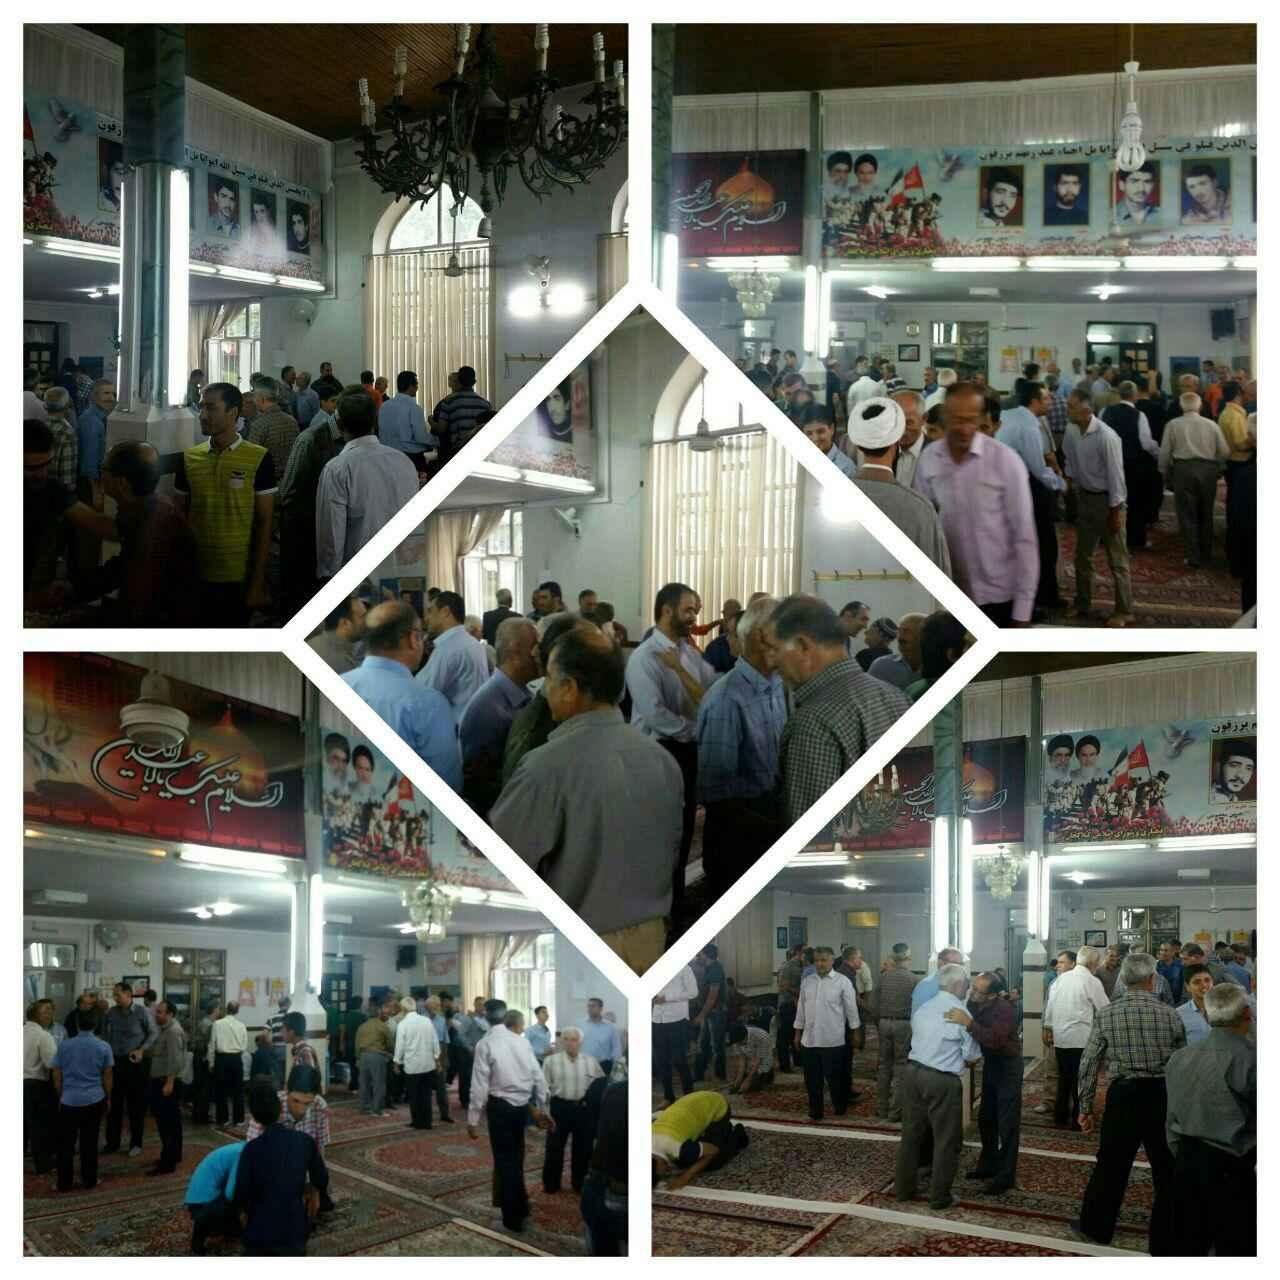 نماز پرشکوه عیدسعید فطر ۱۳۹۵ در مسجد جامع گیلاکجان